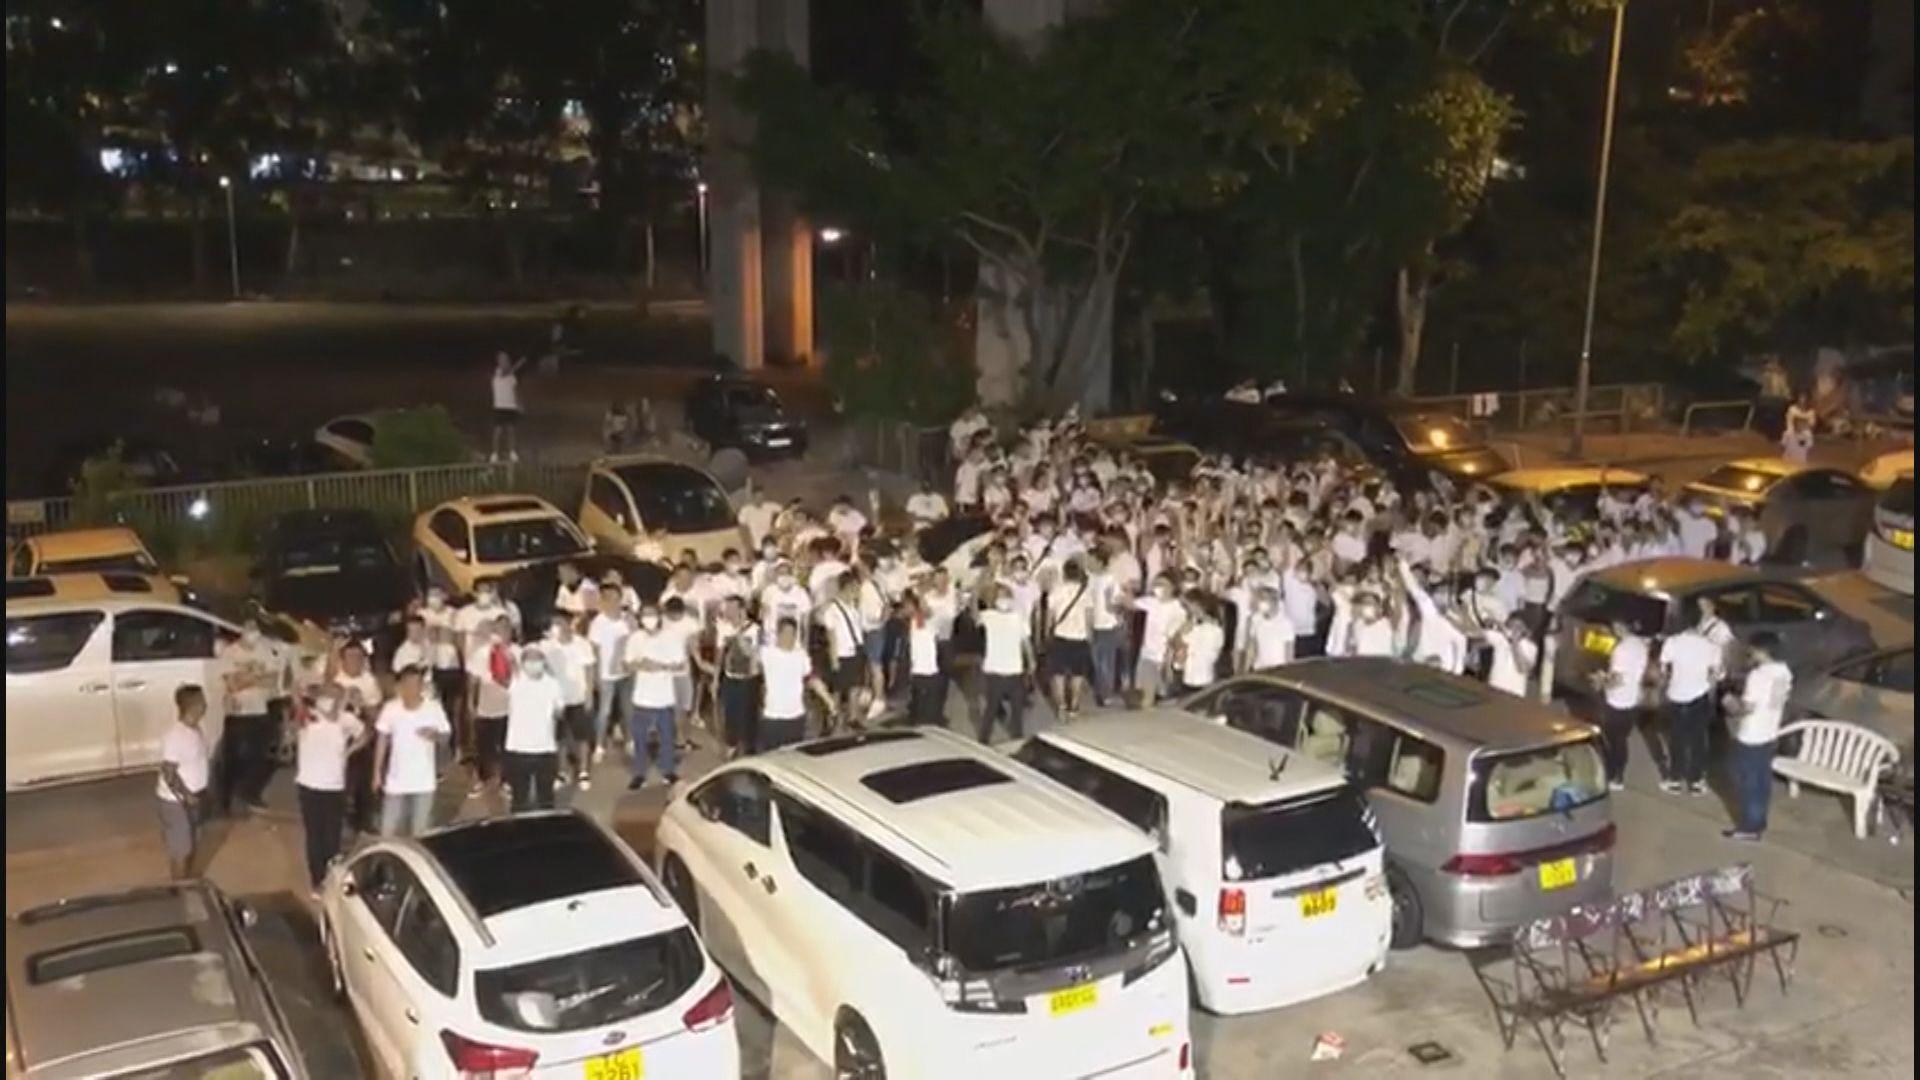 721元朗襲擊事件 警稱曾派便衣警視察人群集結地方